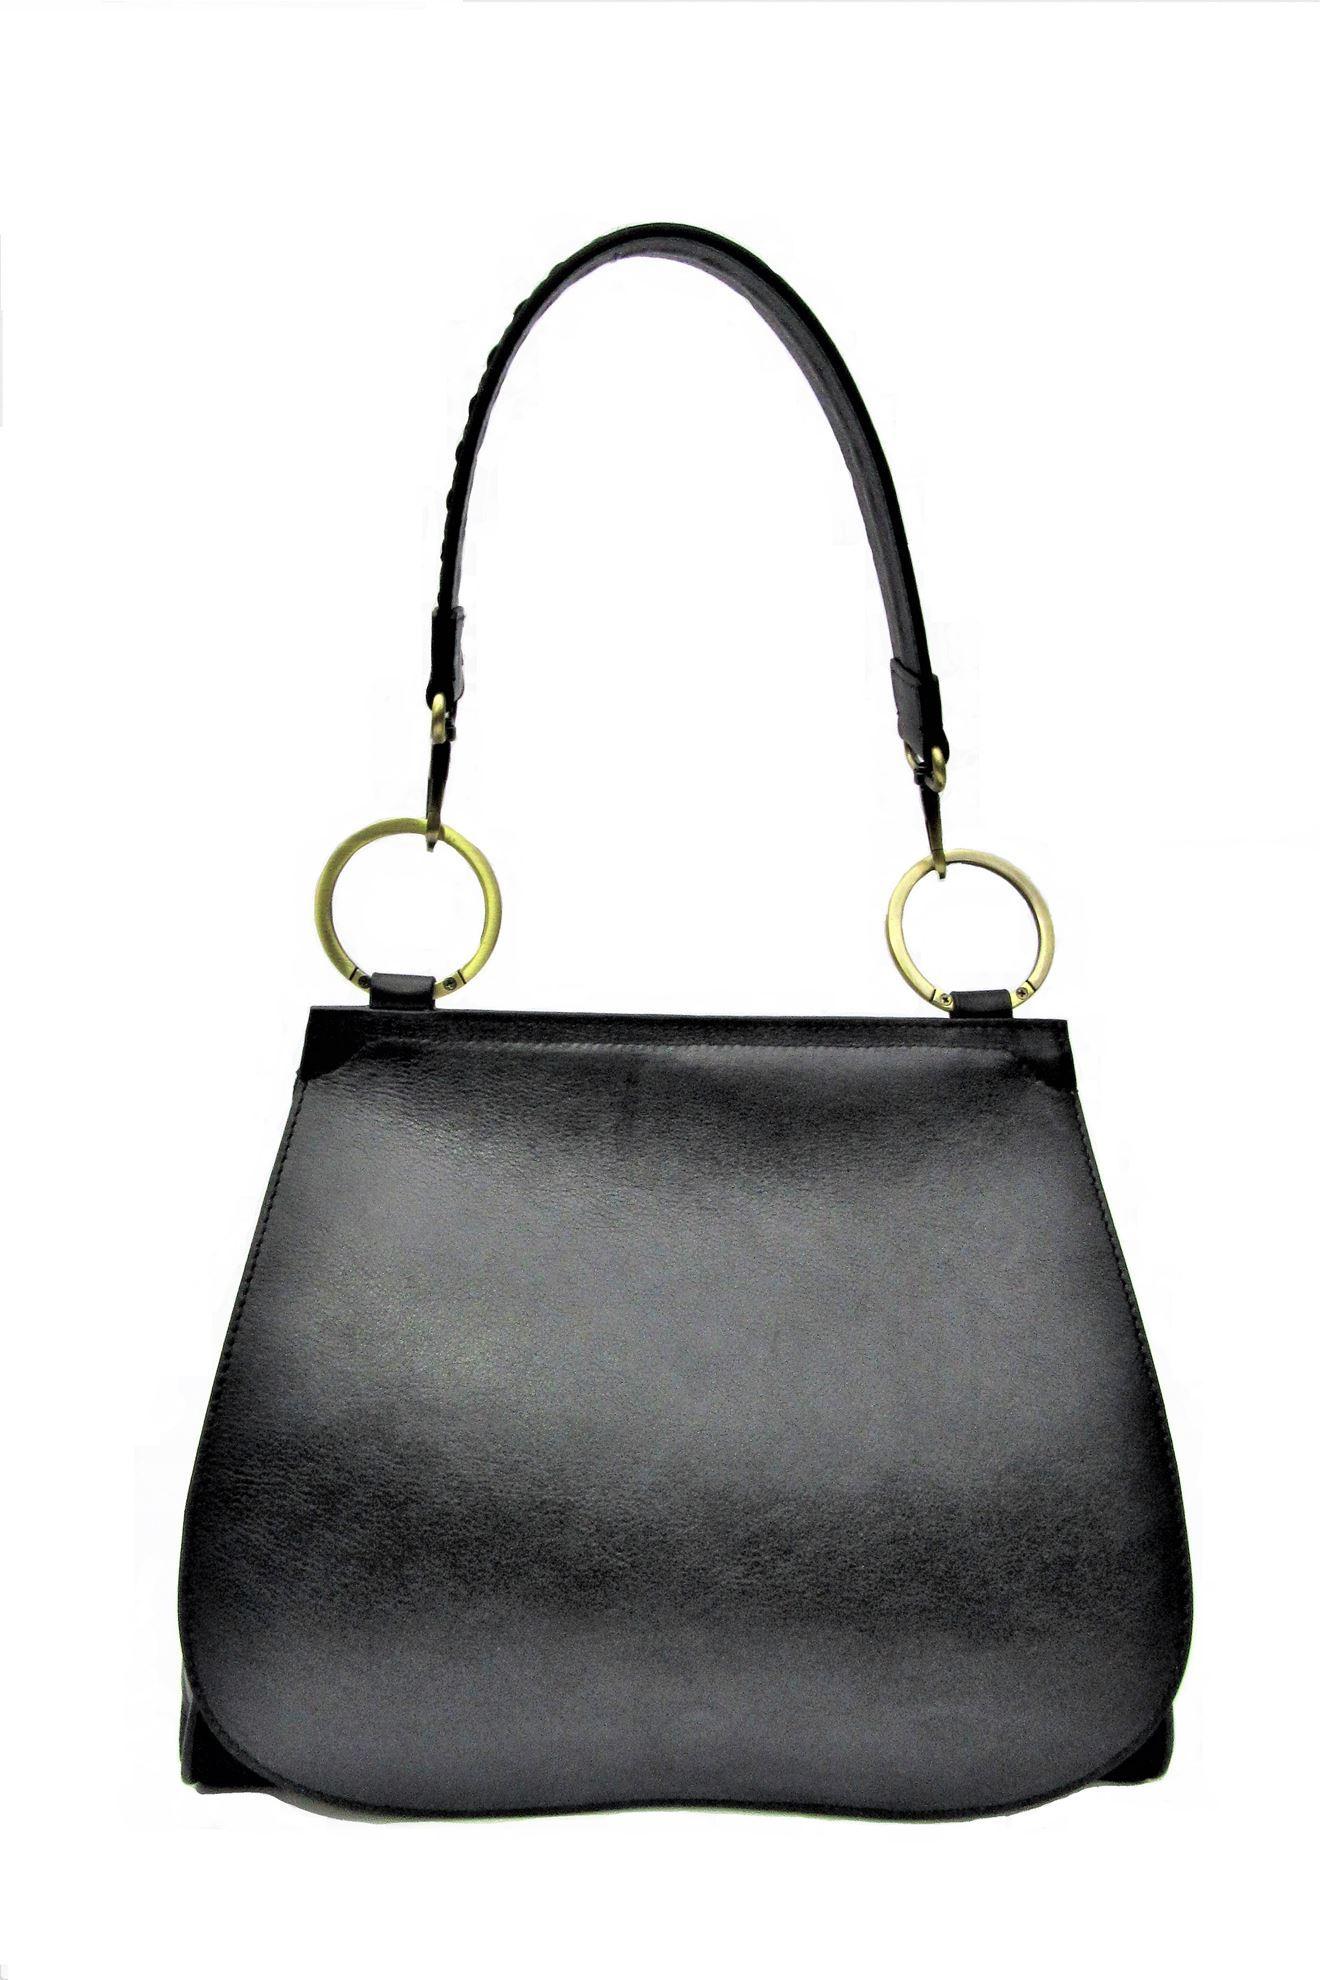 resm Bivious Bag